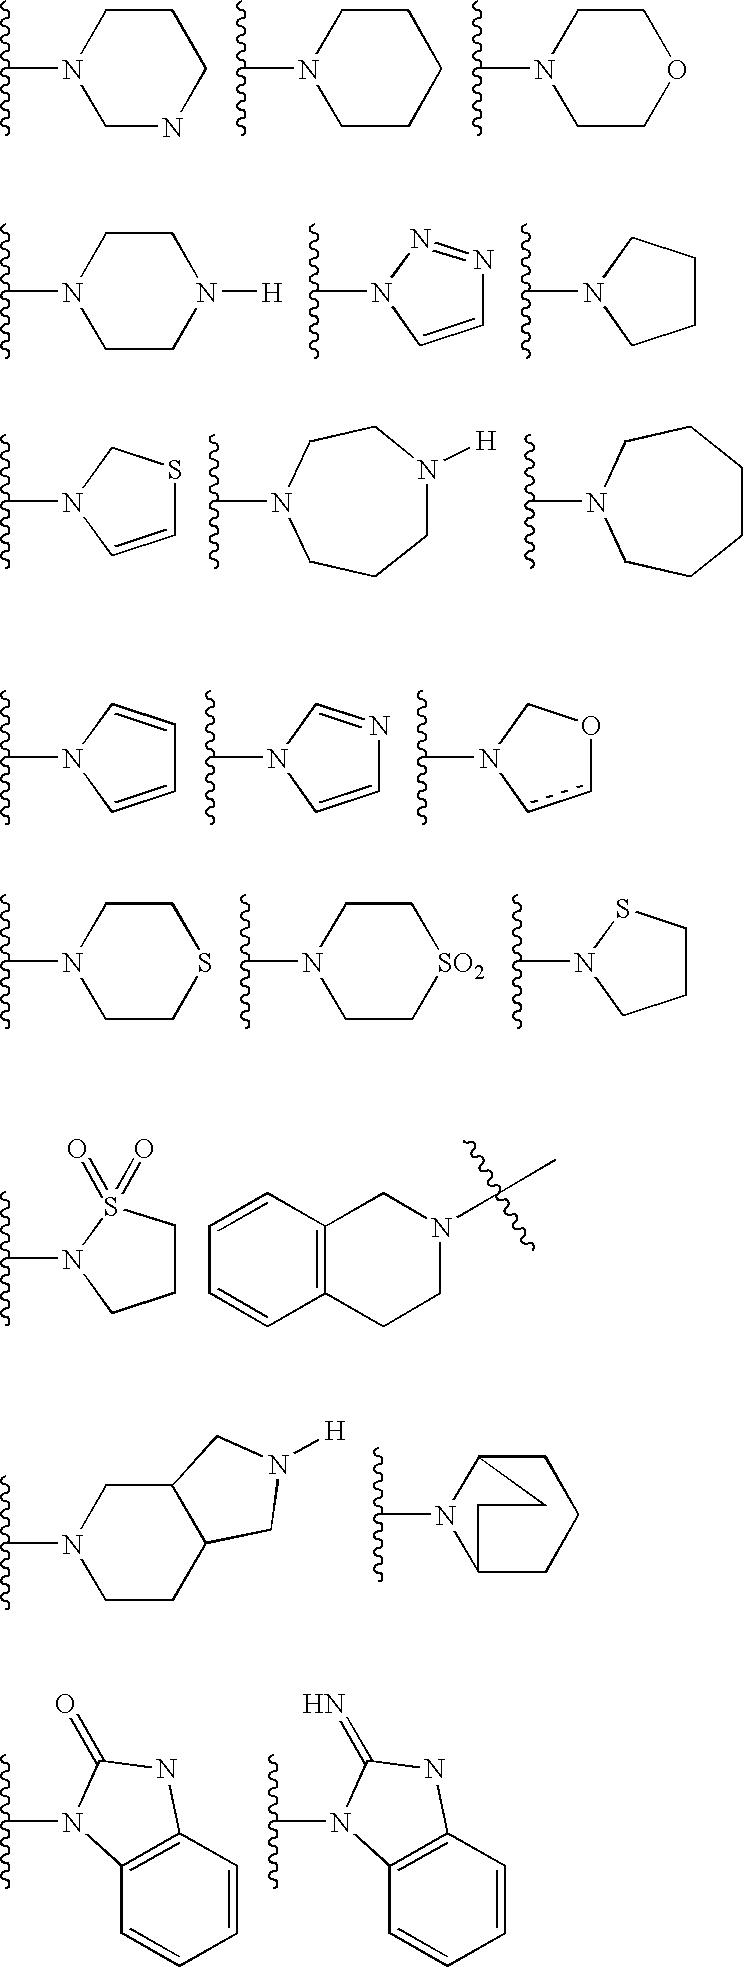 Figure US20040102360A1-20040527-C00030